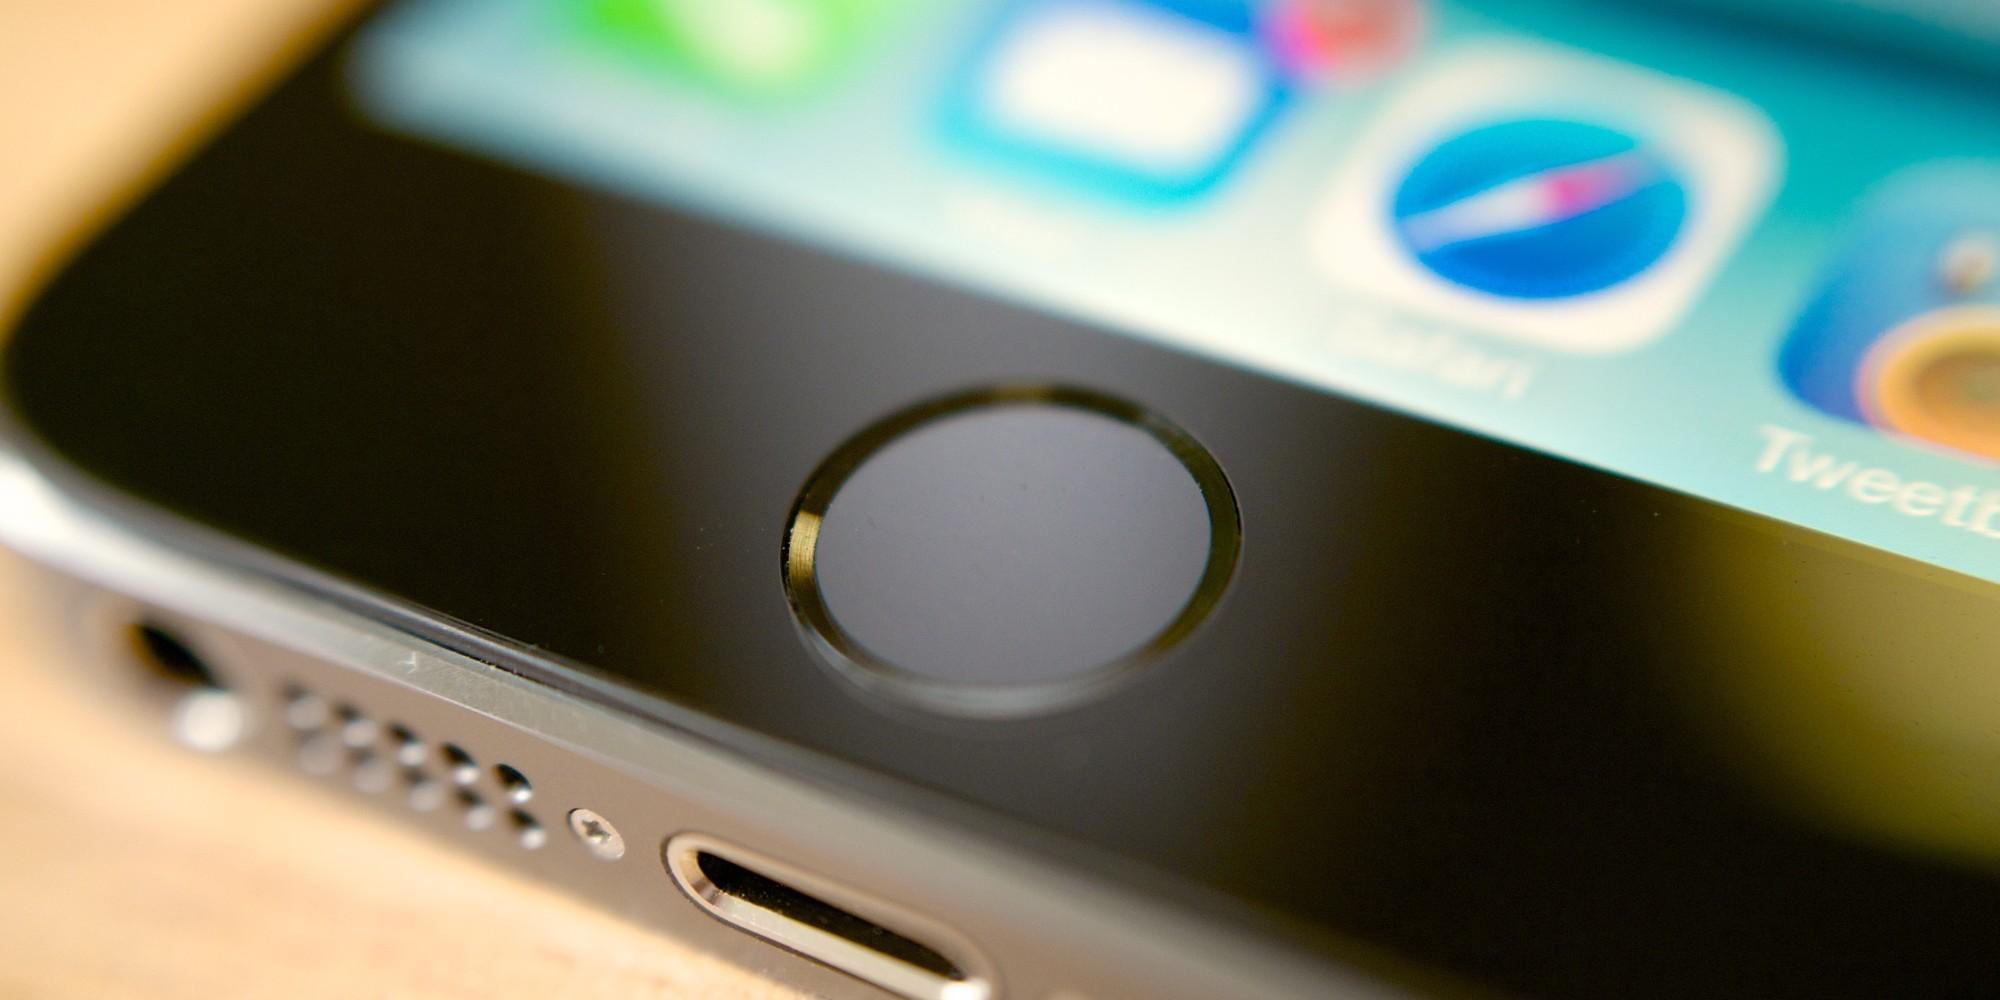 geklautes iphone 7 hacken